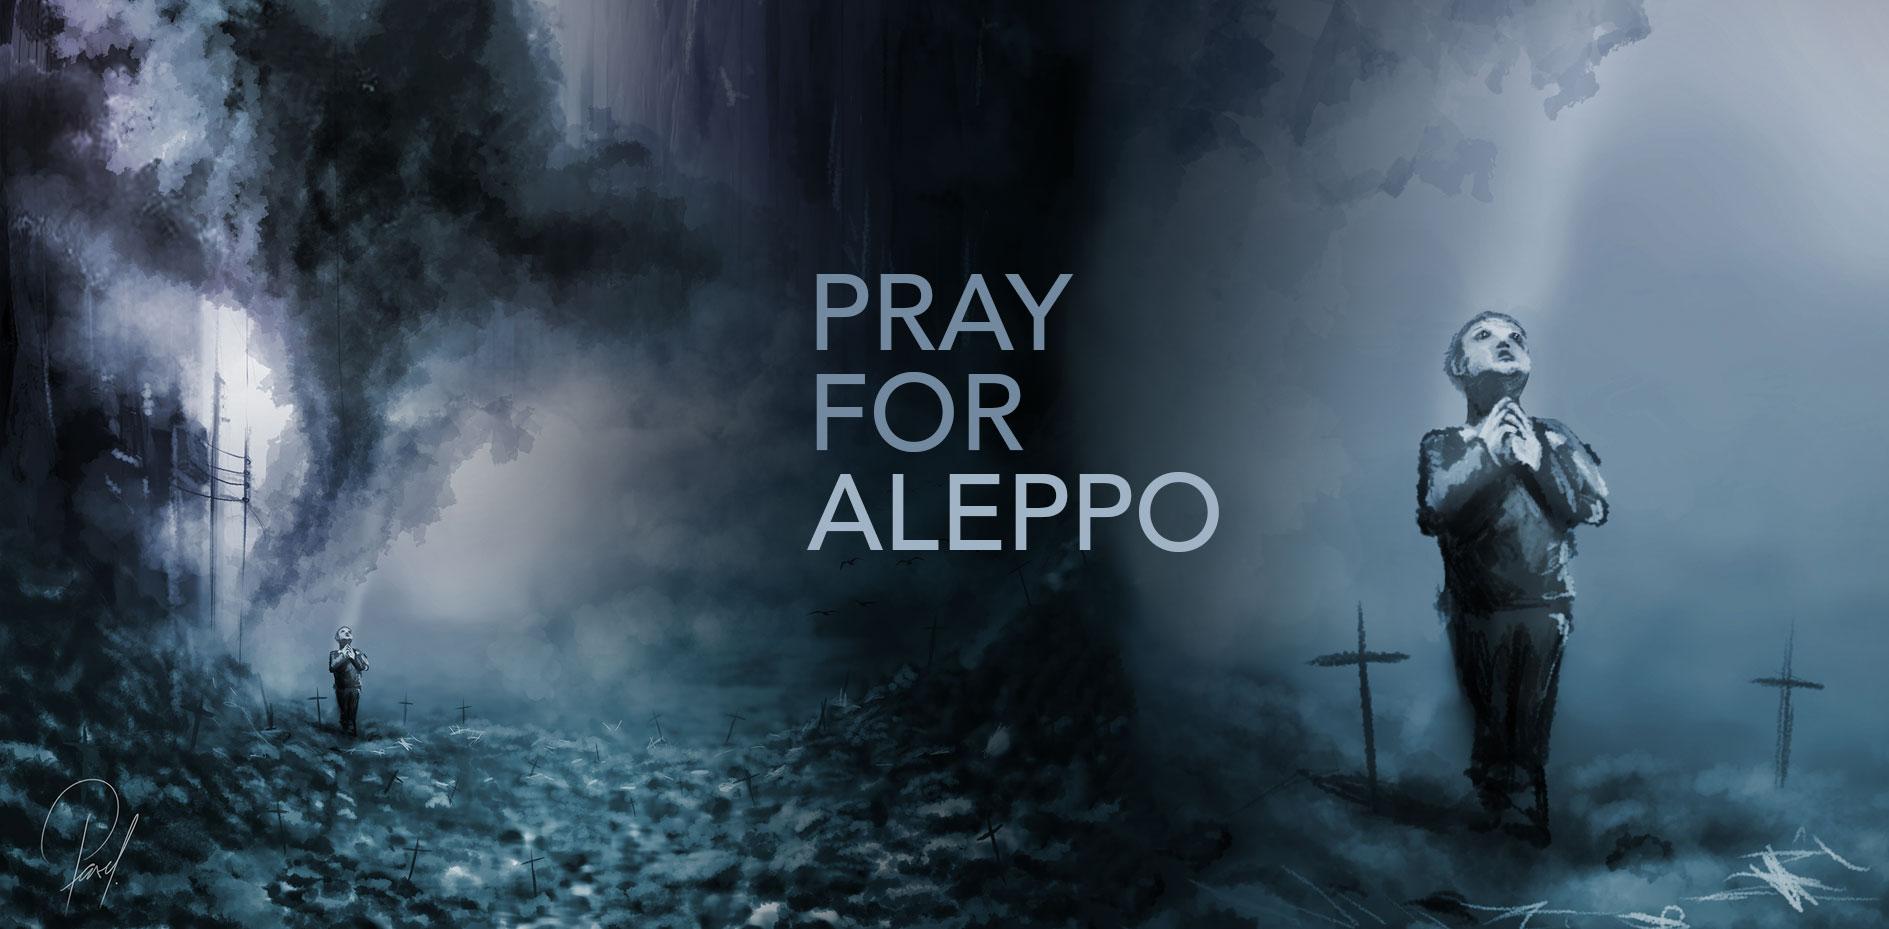 pray-for-aleppo-web